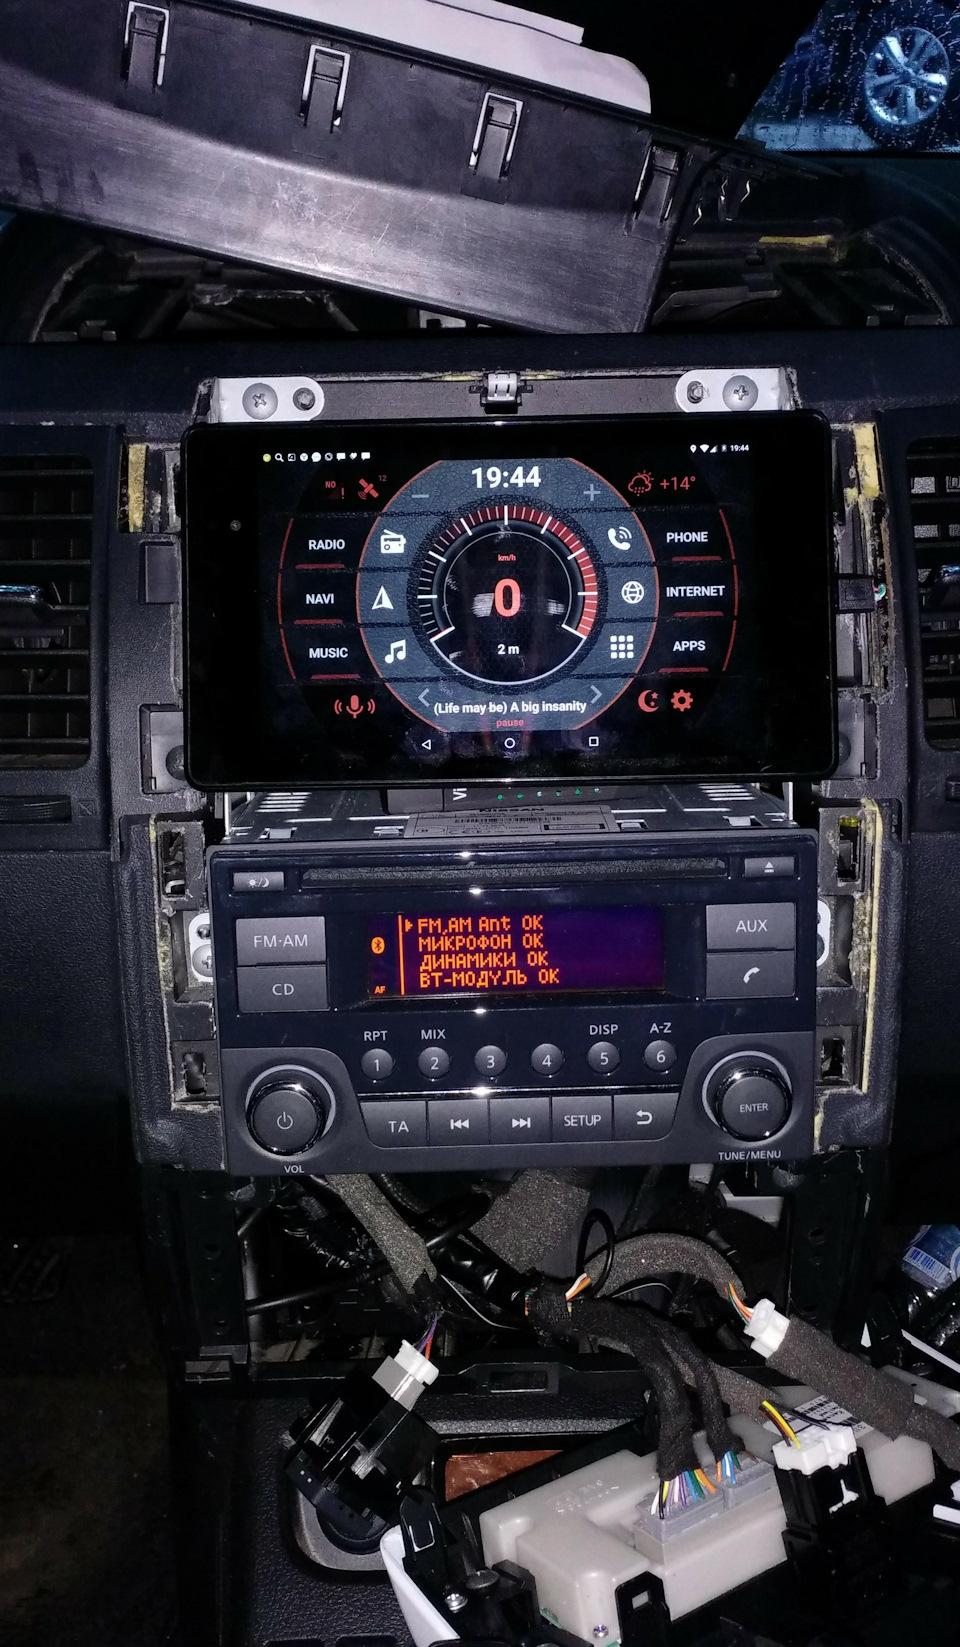 MkAAAgCUaOA-960.jpg